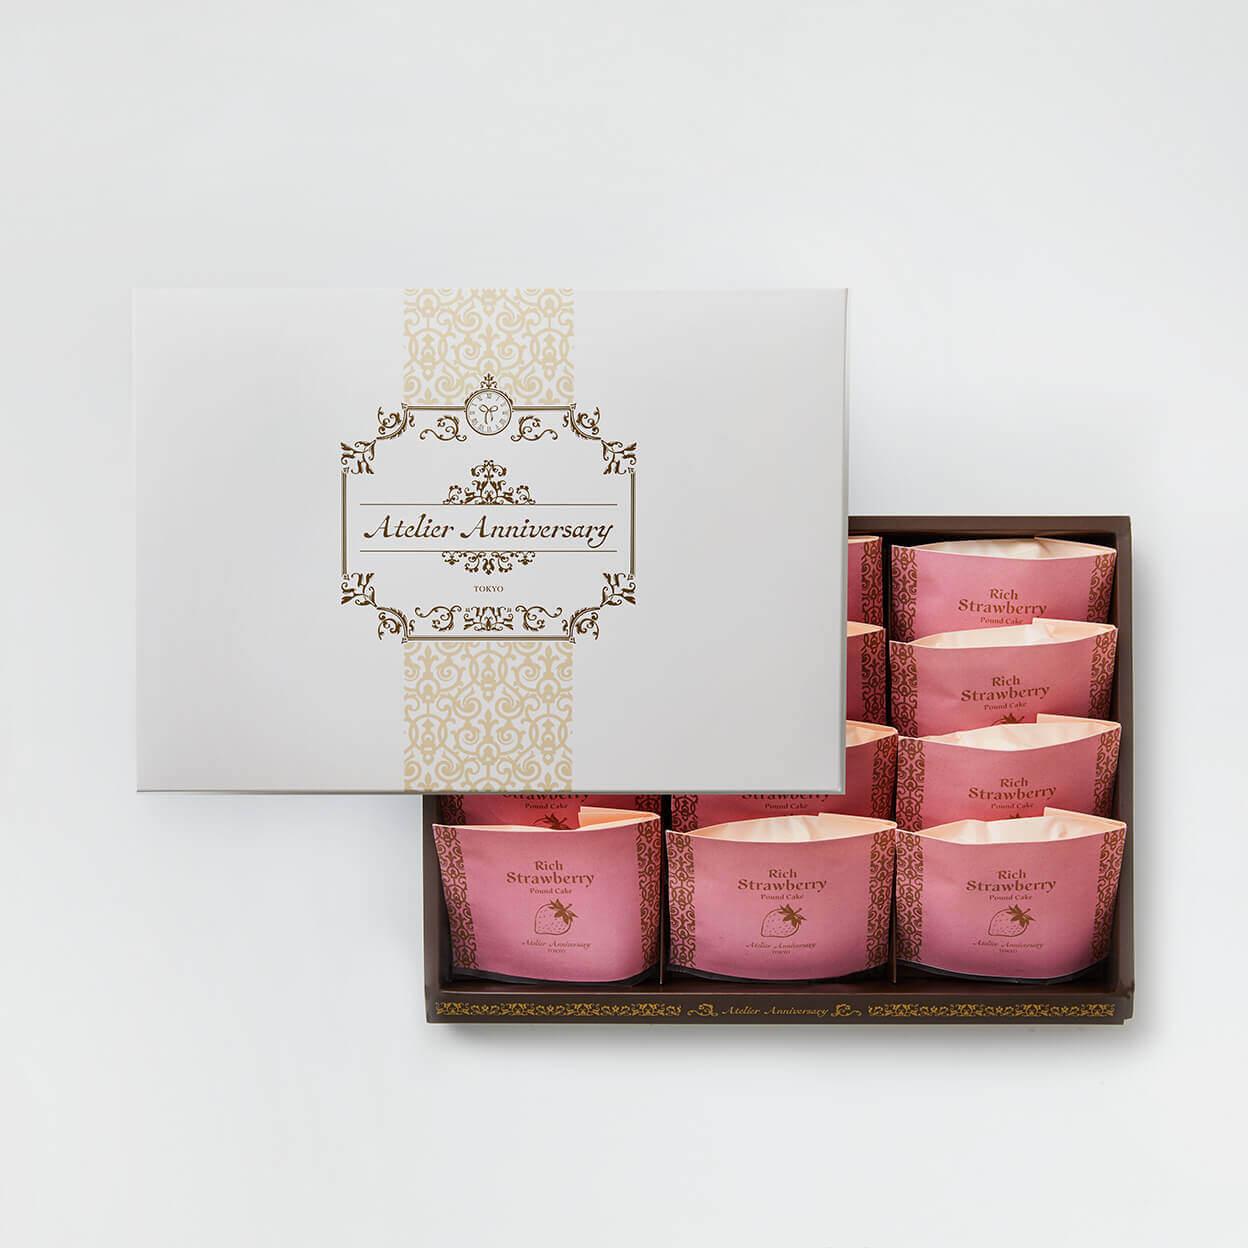 アニバーサリーの『贅沢ストロベリーパウンド』の箱